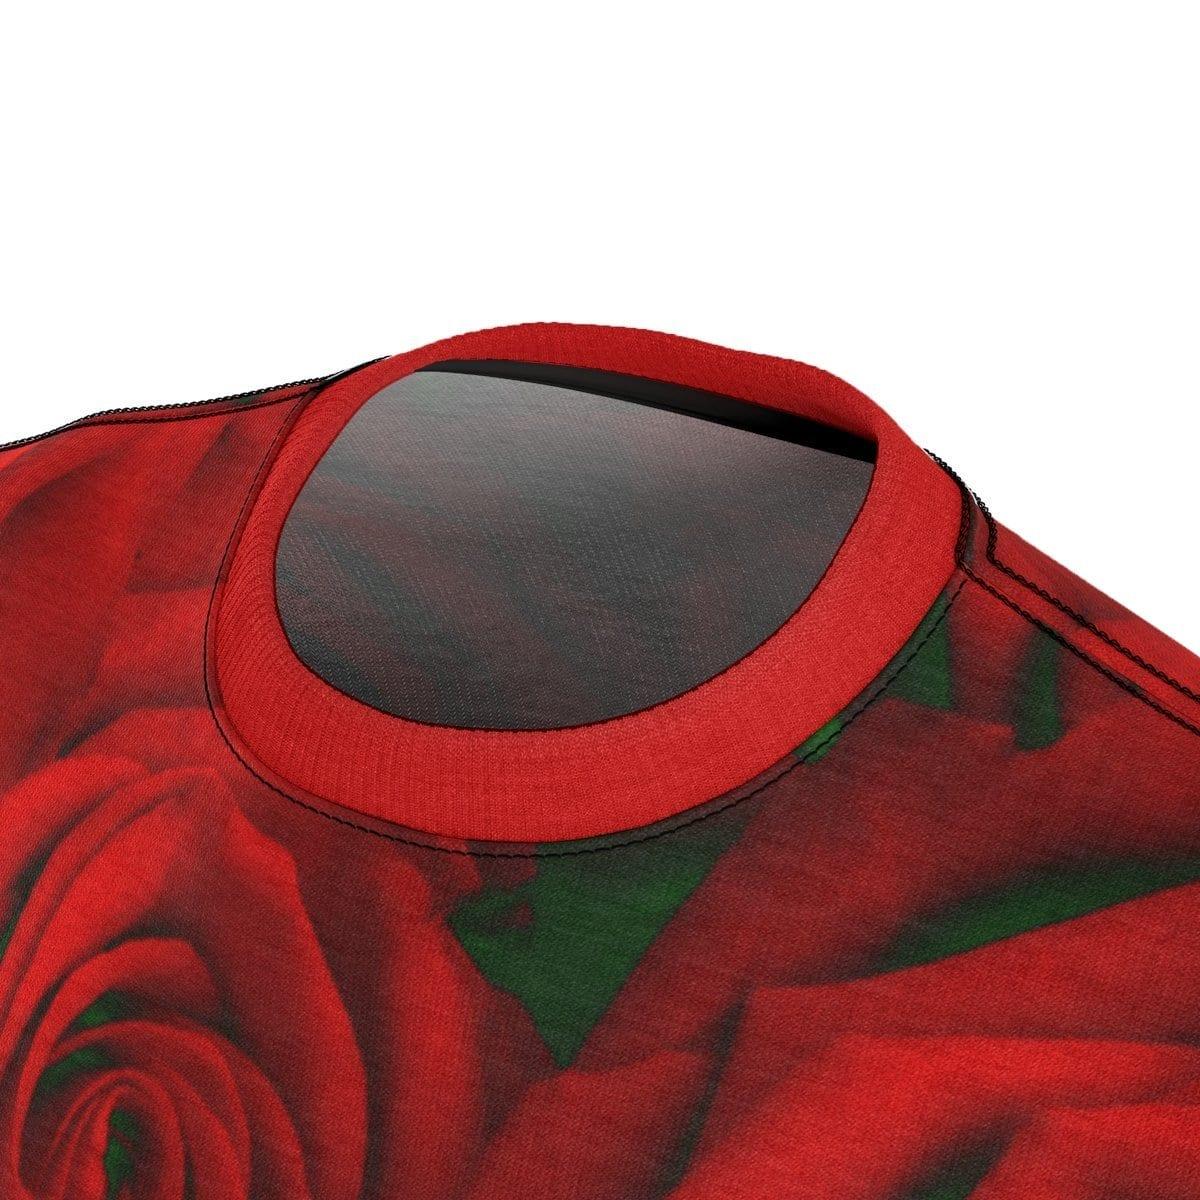 ROSA PARKS 7053 - Melanin Apparel